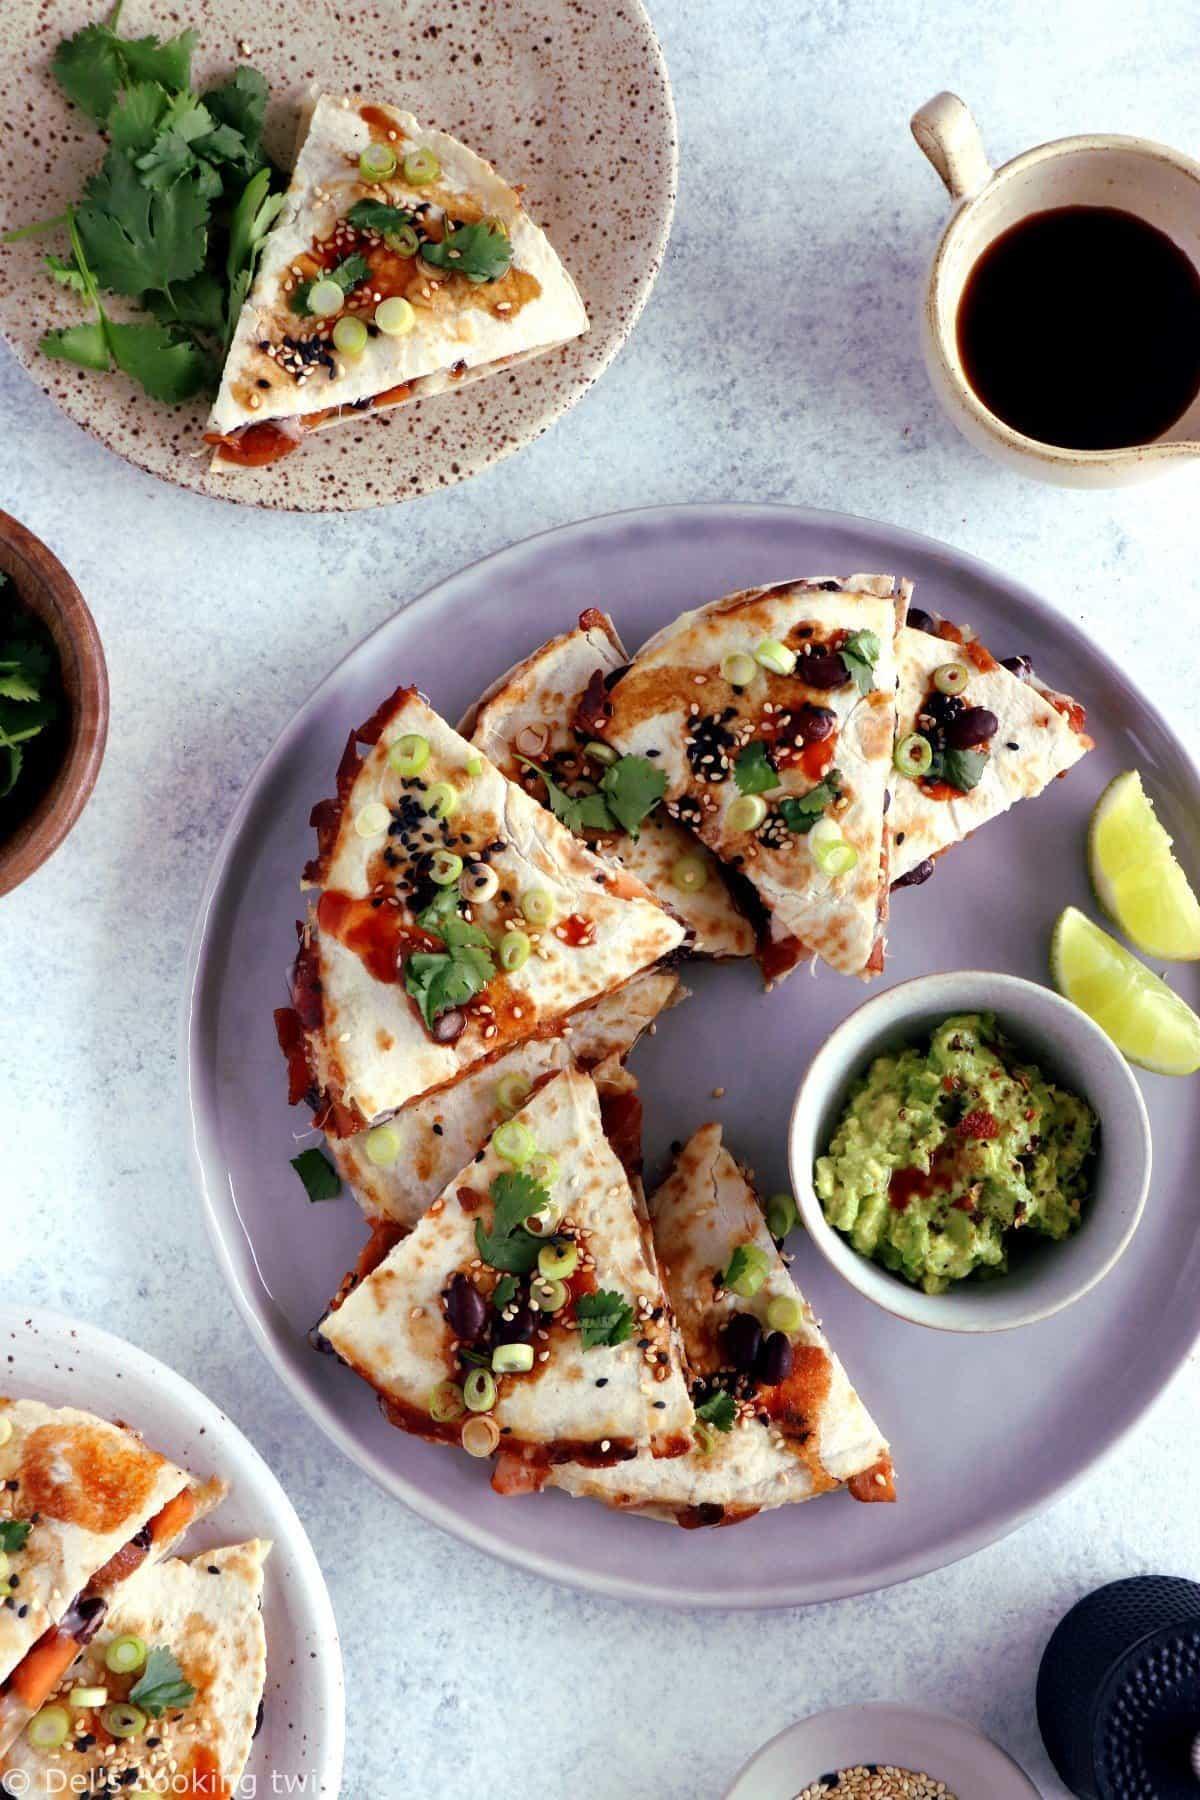 Quesadillas de patates douces et haricots noirs, sauce teriyaki